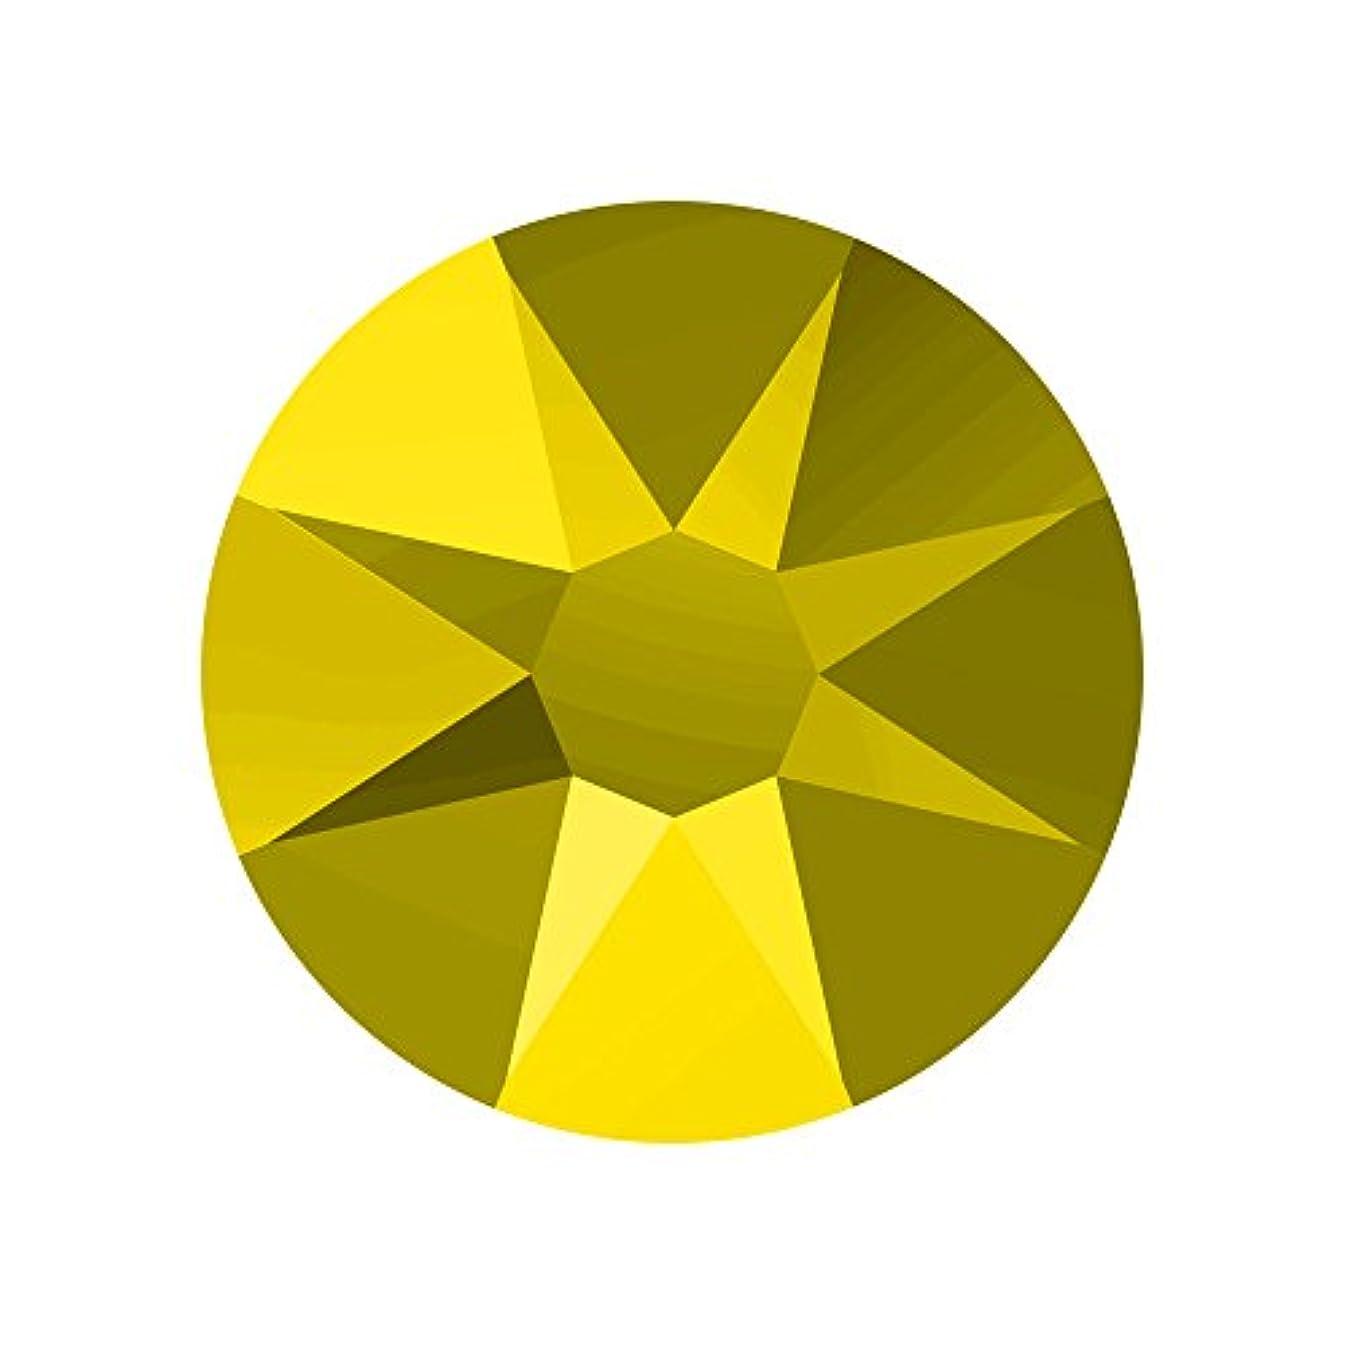 ナイトスポットソブリケット韓国ネイルアートパーツ クリスタルオーラム SS5:1.8~1.9mm 1440P